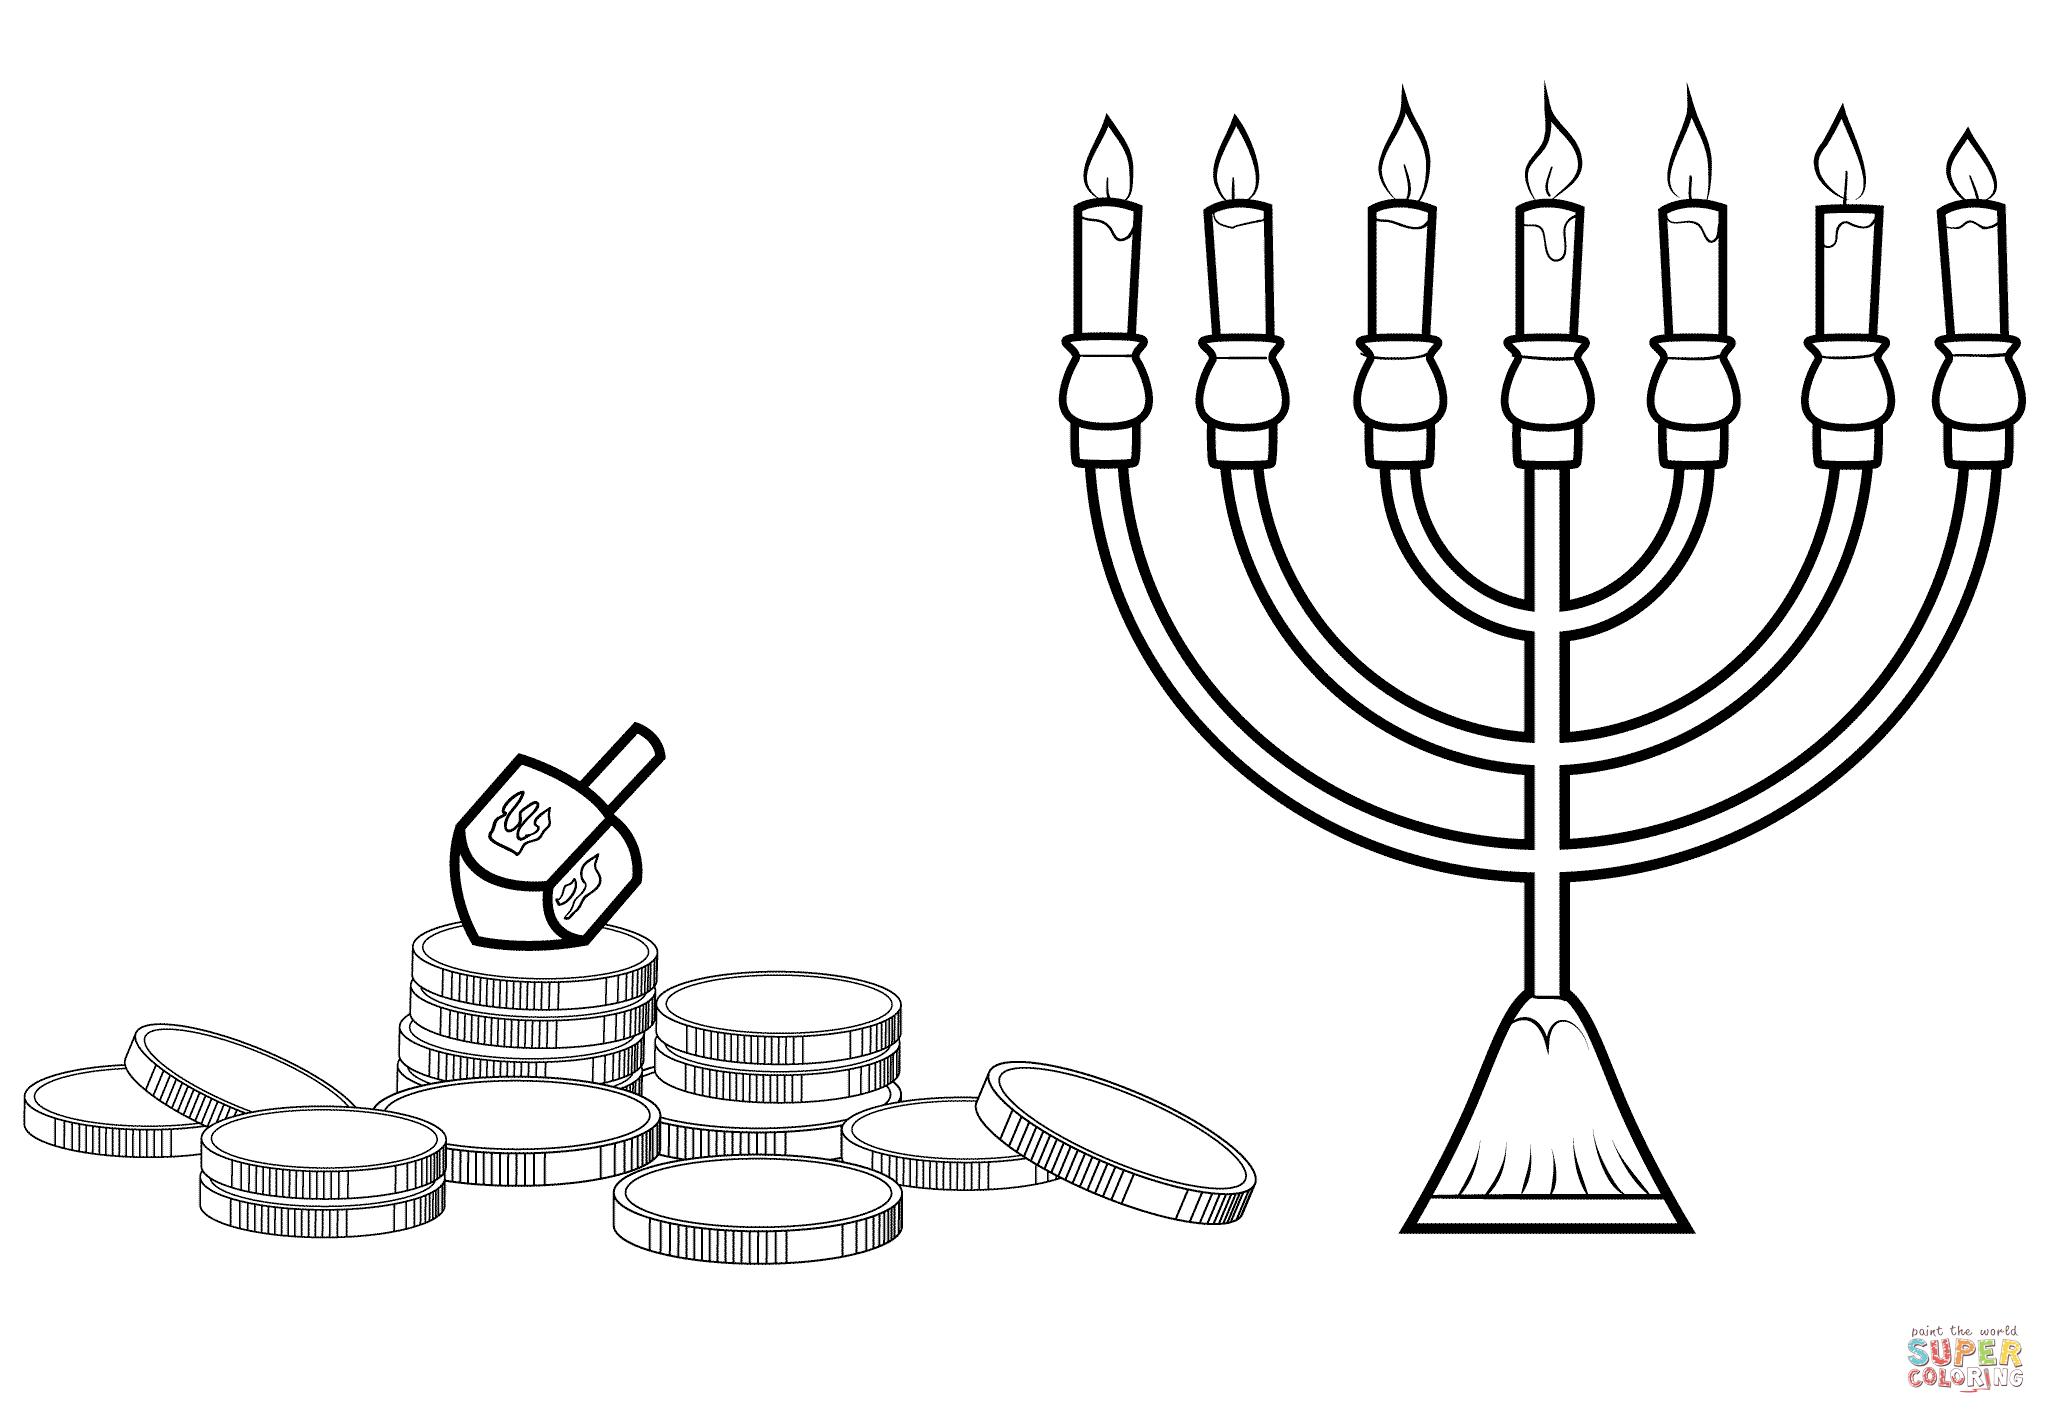 Charmant Malvorlagen Für Hanukkah Ideen - Malvorlagen Von Tieren ...